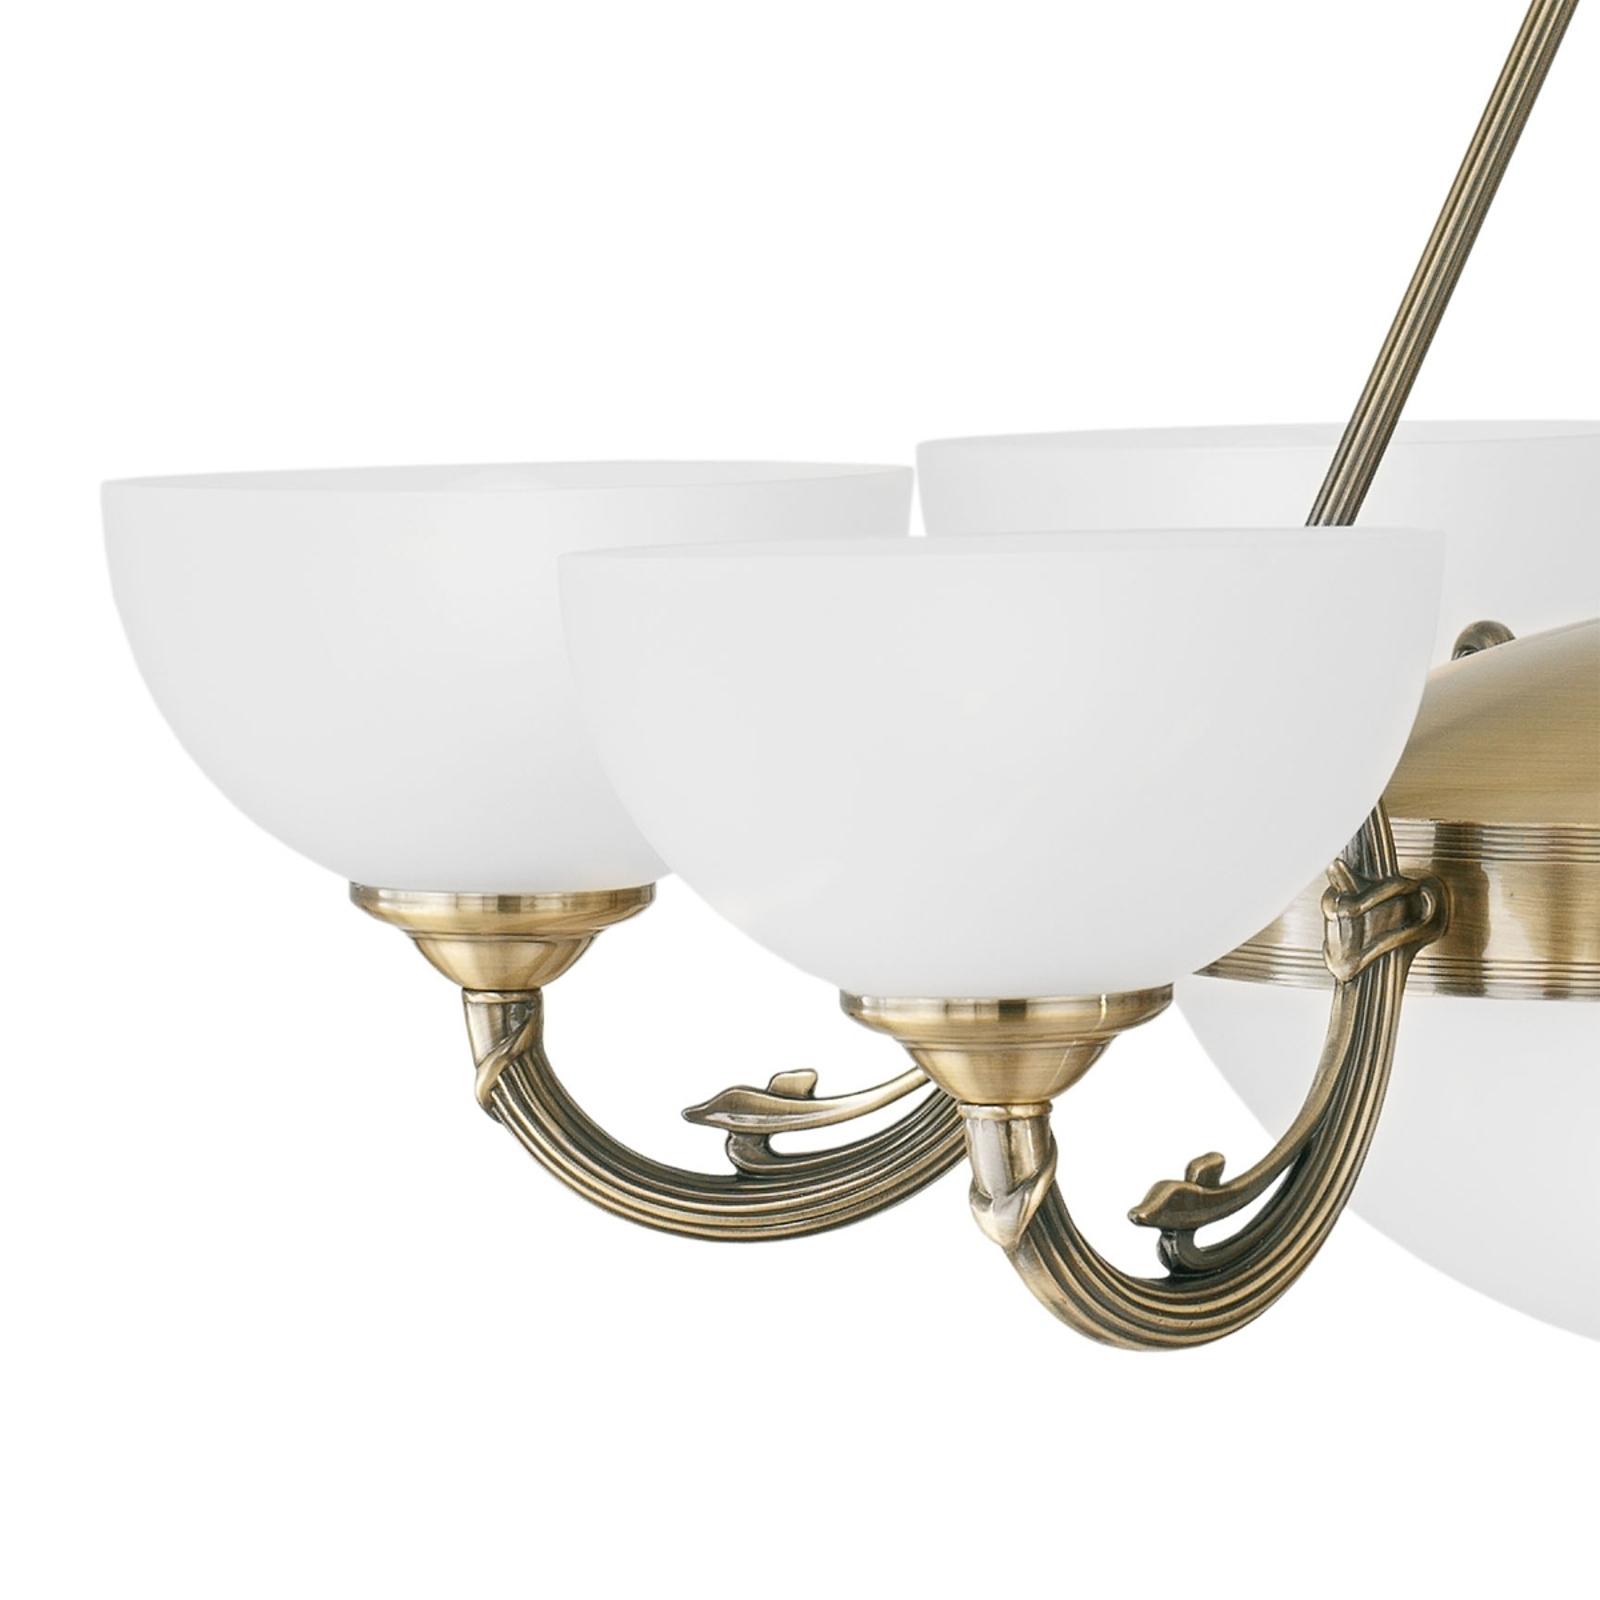 Suspension Savy à huit lampes